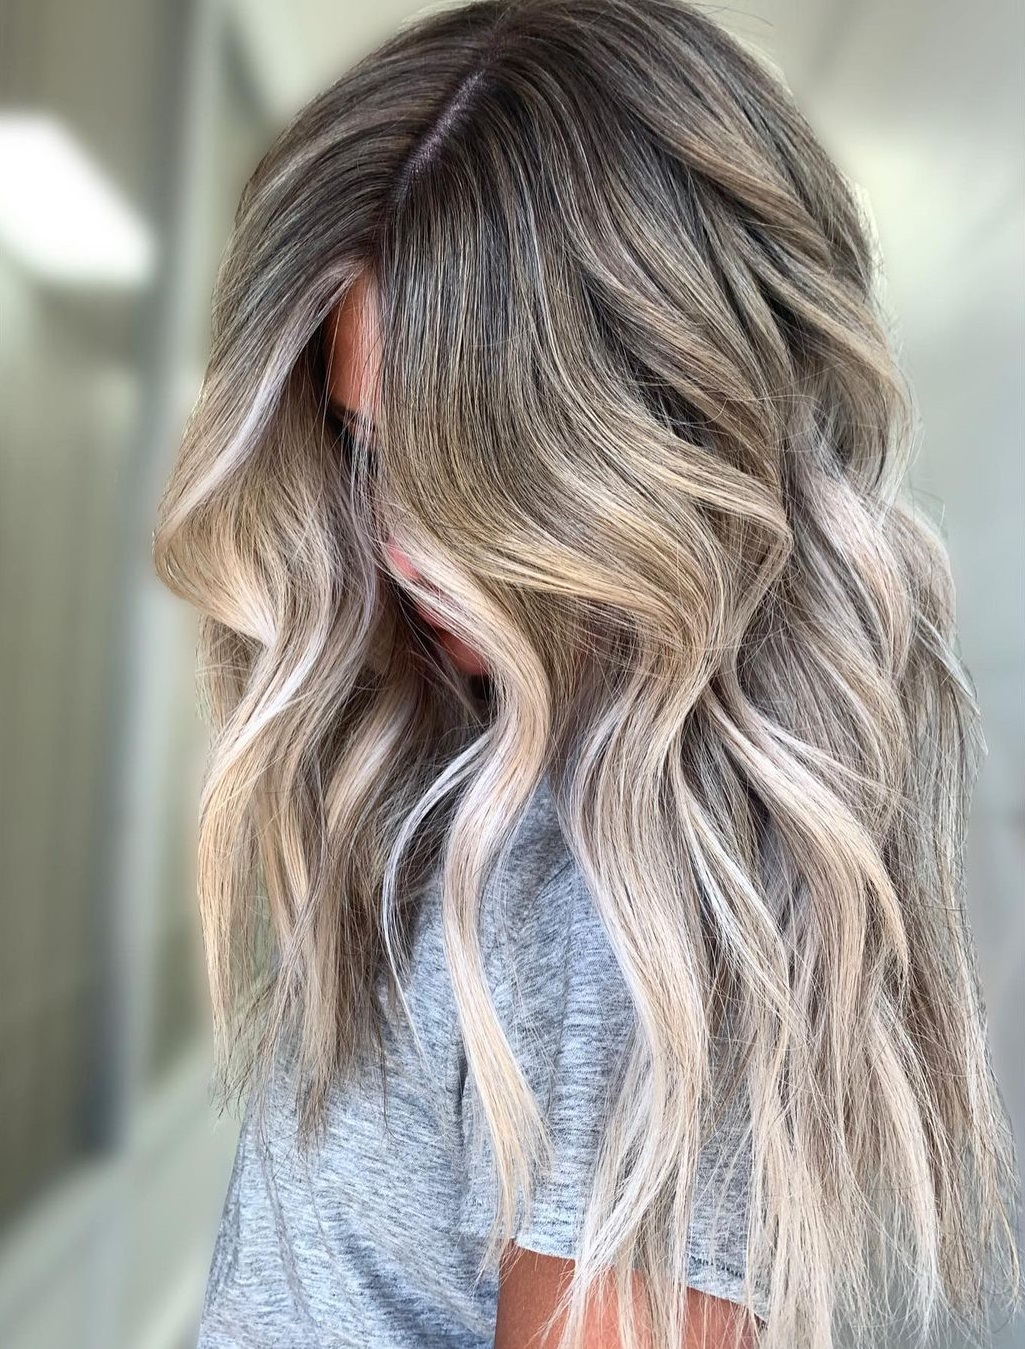 Blonde Balayage for Long Hair 2021